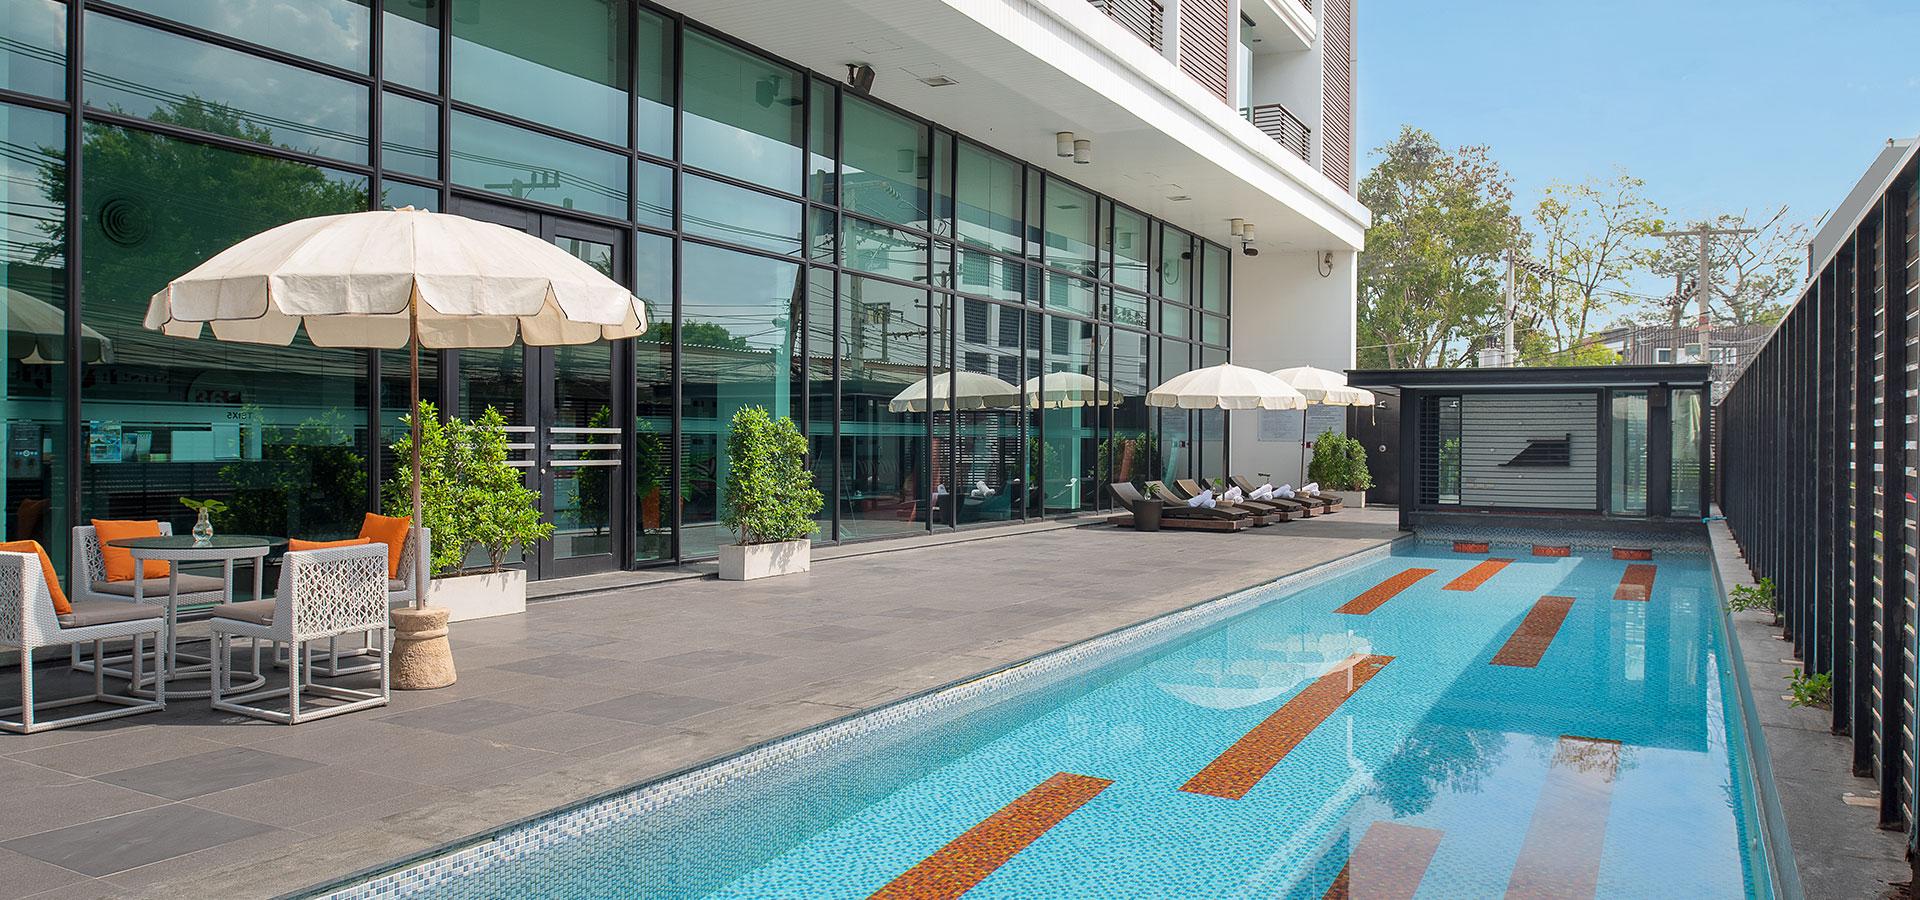 Tsix5 Hotel Pattaya